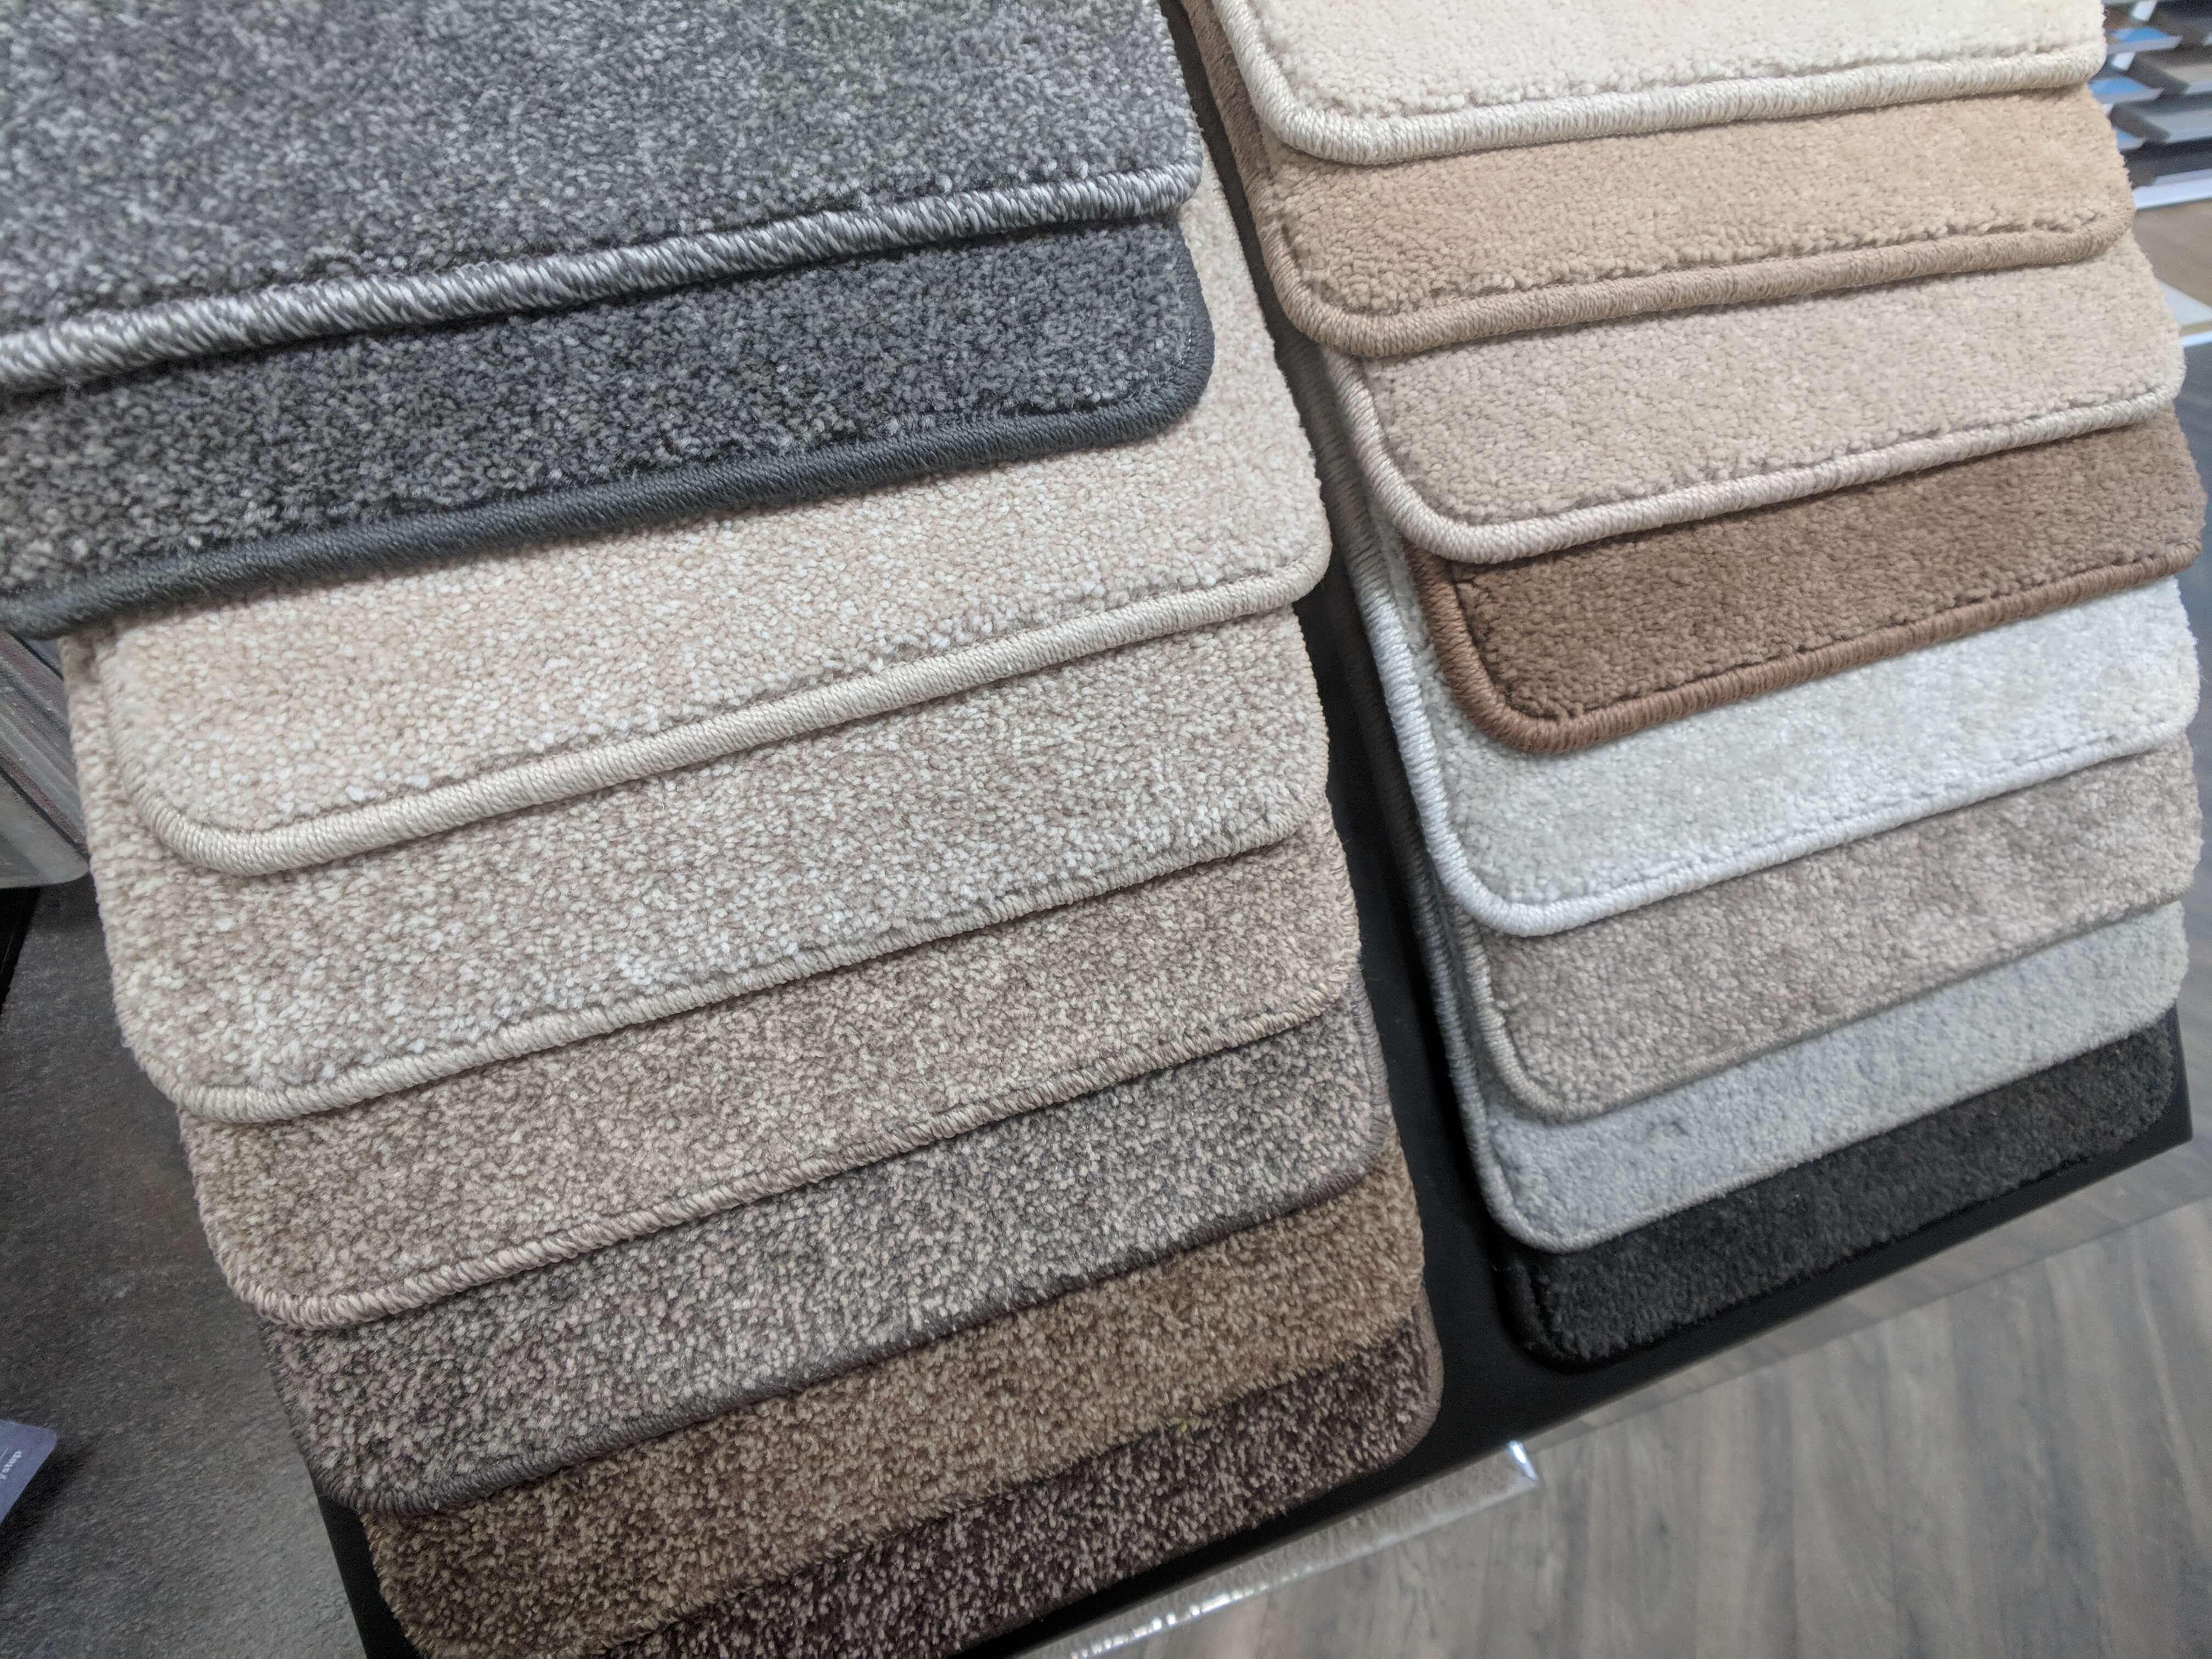 shades of gray carpet